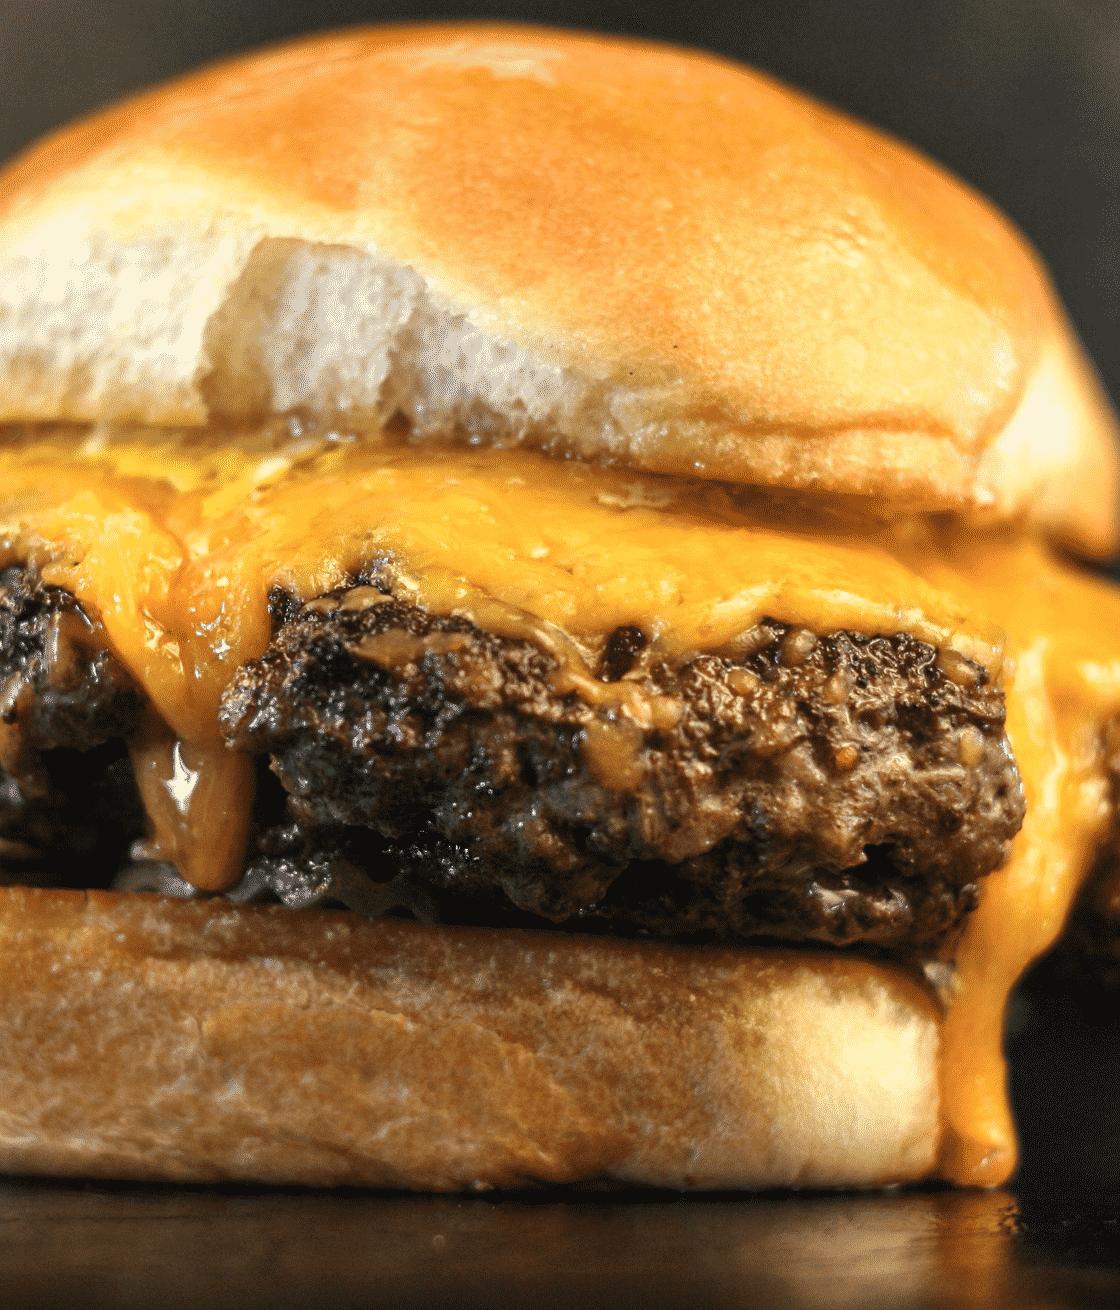 Mark's Outing Hamburger